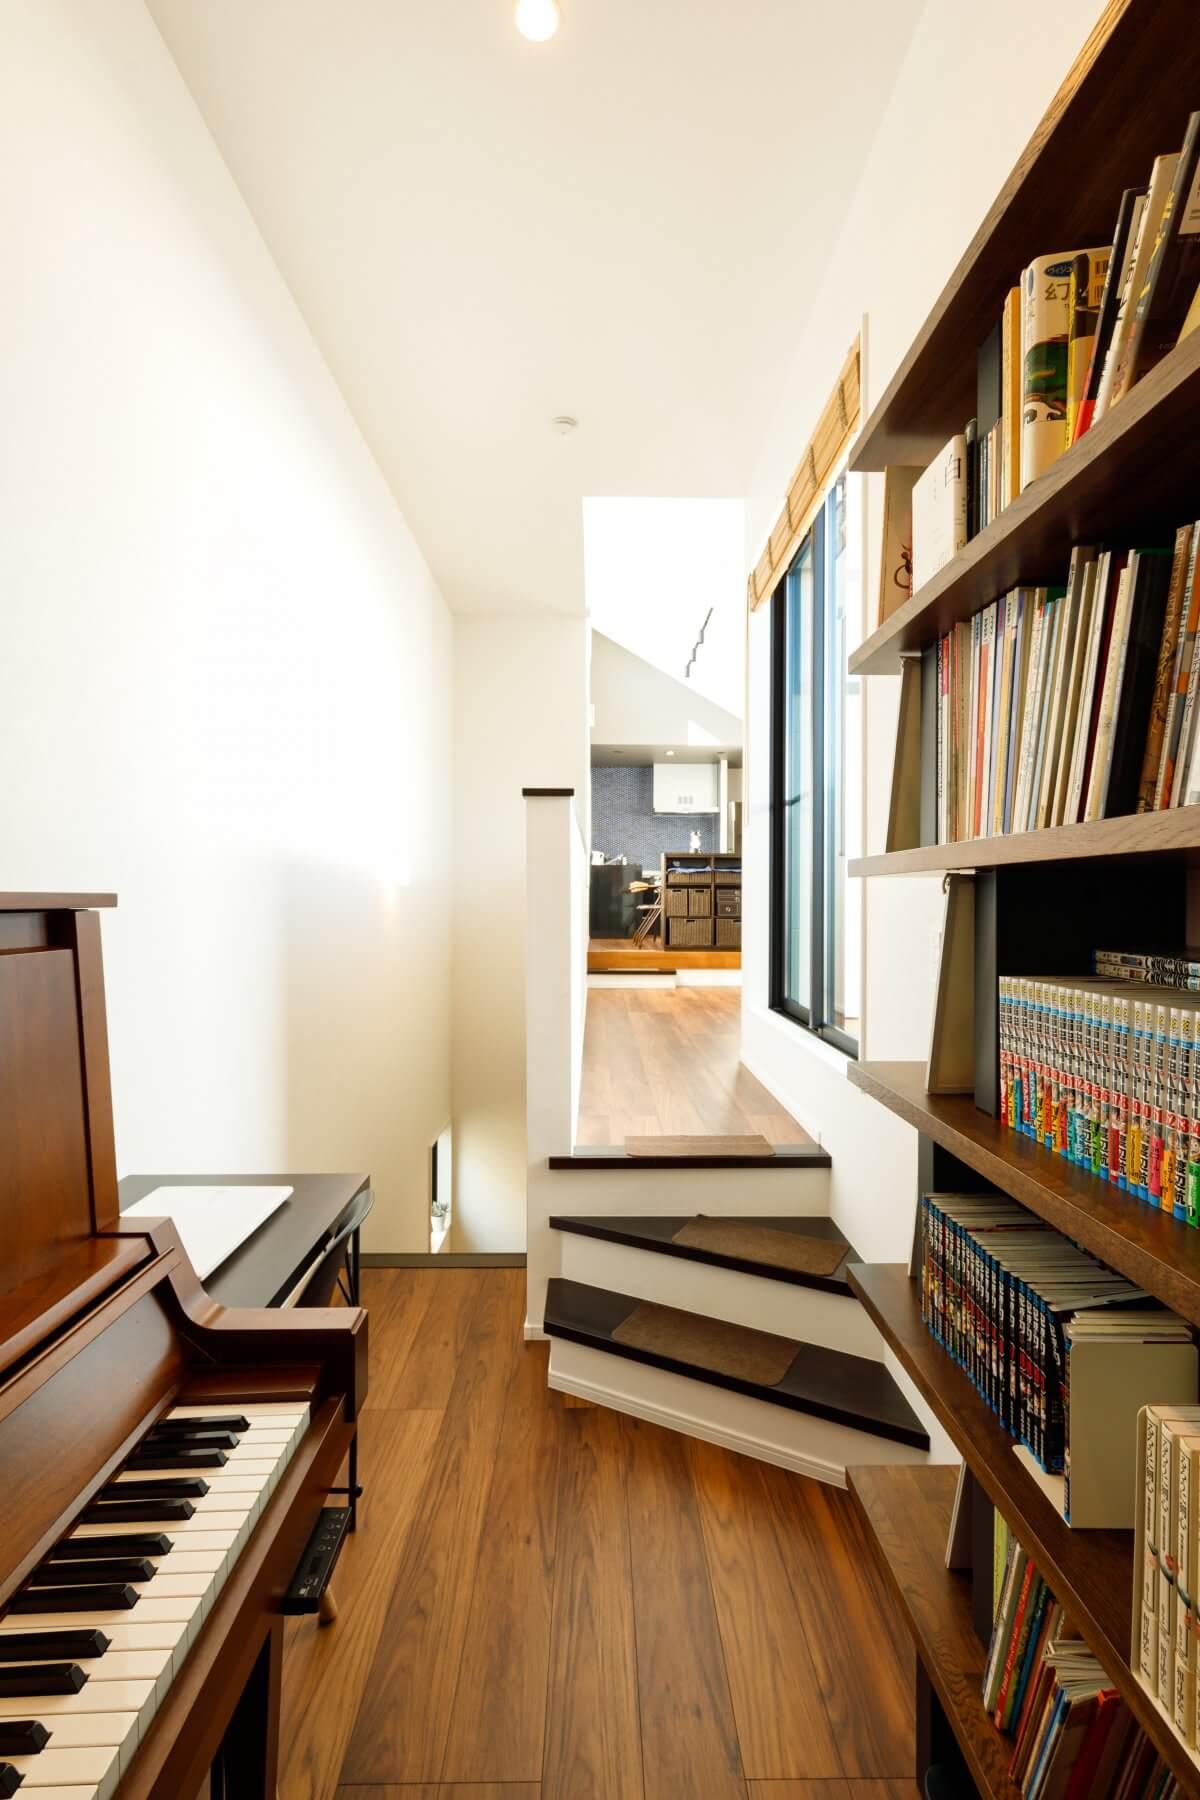 2階のピアノスペースを背に奥のLDKを見る。数段のステップで空間が繋がっていく様子がよく分かる。奥のLDKとピアノスペースの動線上に、ルーフバルコニーへの出入り口があります。